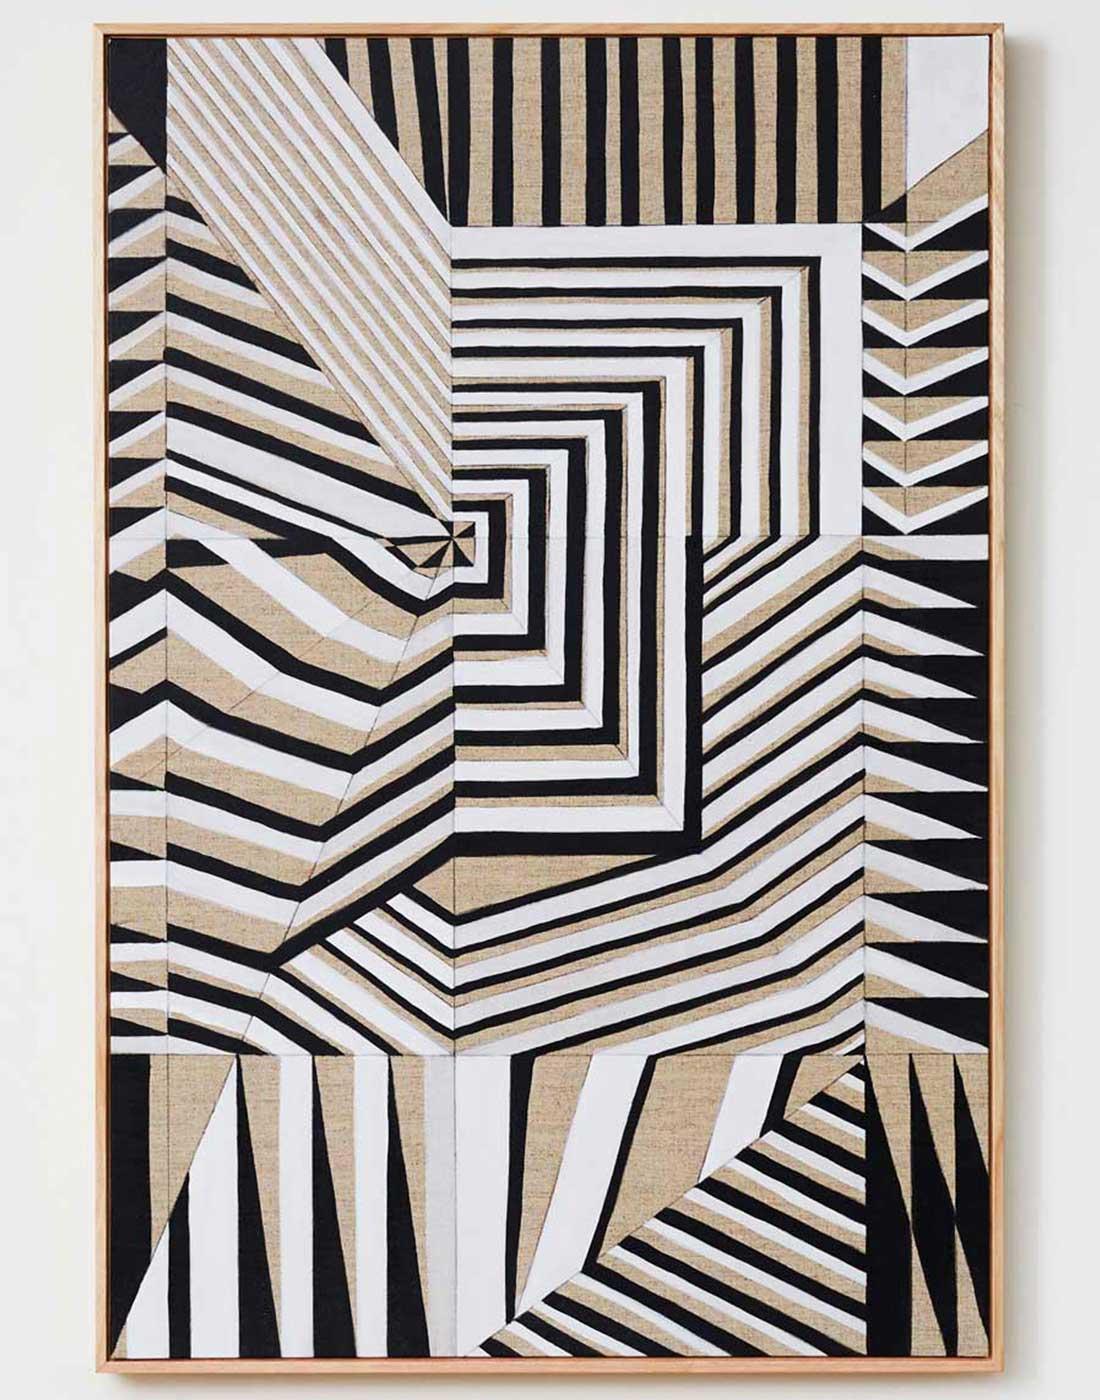 Black & White on Linen framed in Raw Oak